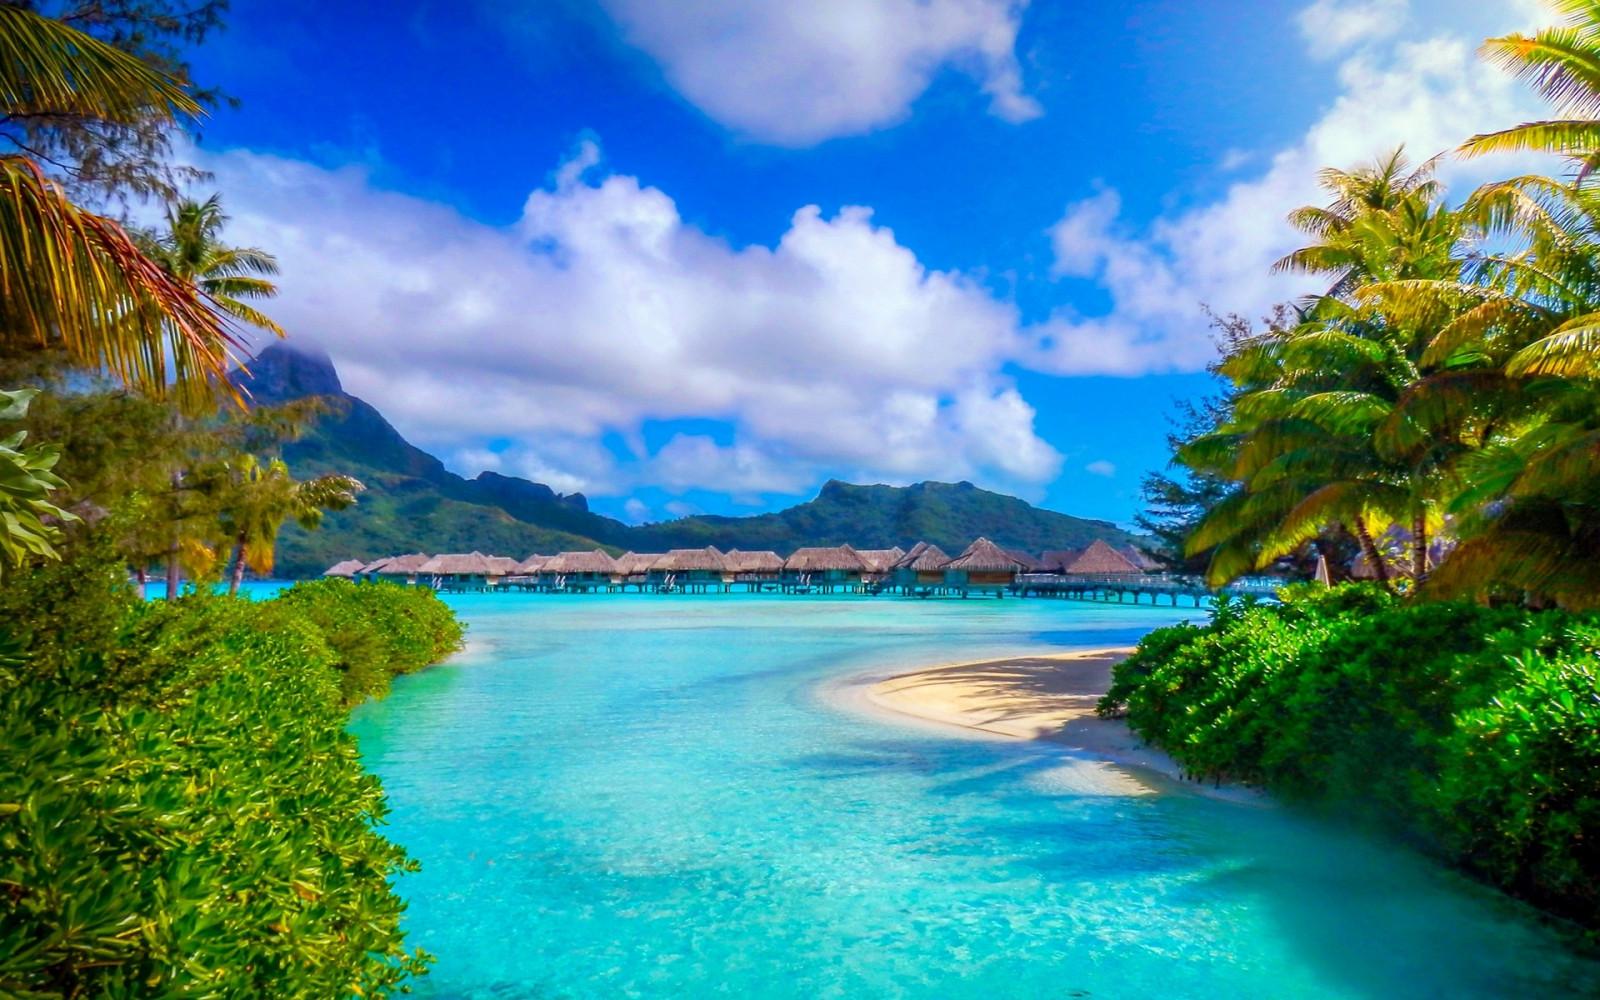 Fond d'écran : paysage, Montagnes, mer, baie, la nature, plage, côte, palmiers, piscine, recours ...